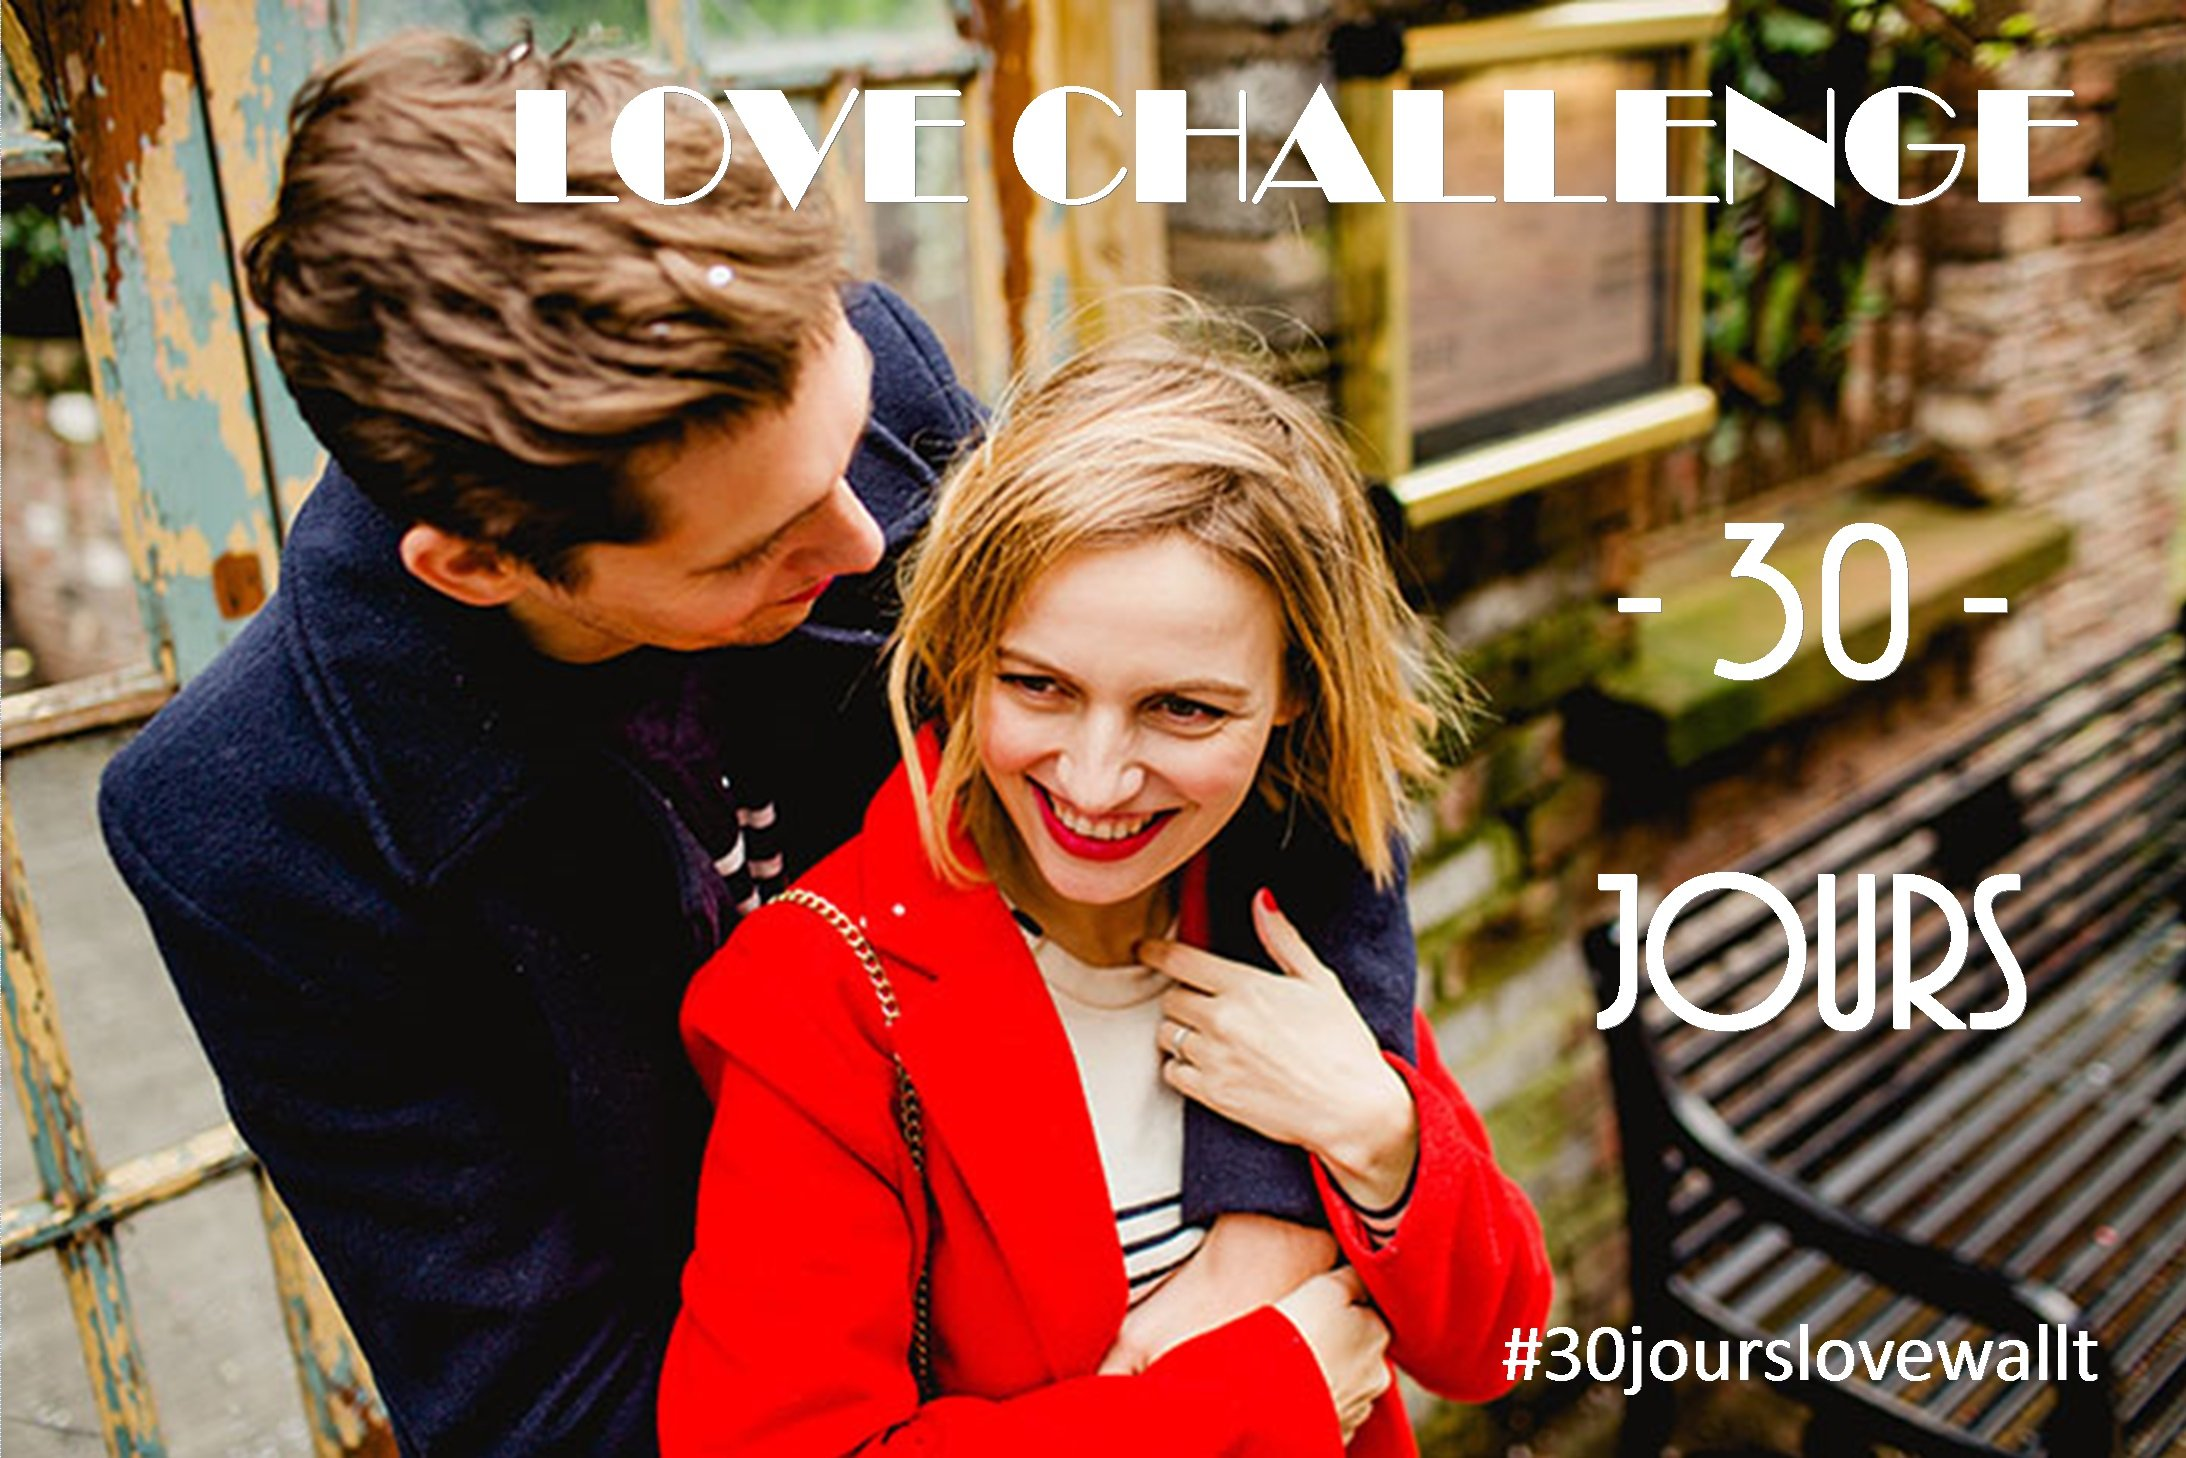 Notre anniversaire de mariage 3 ans de bonheur with a love like that blog lifestyle love - 14 ans de mariage noce de quoi ...